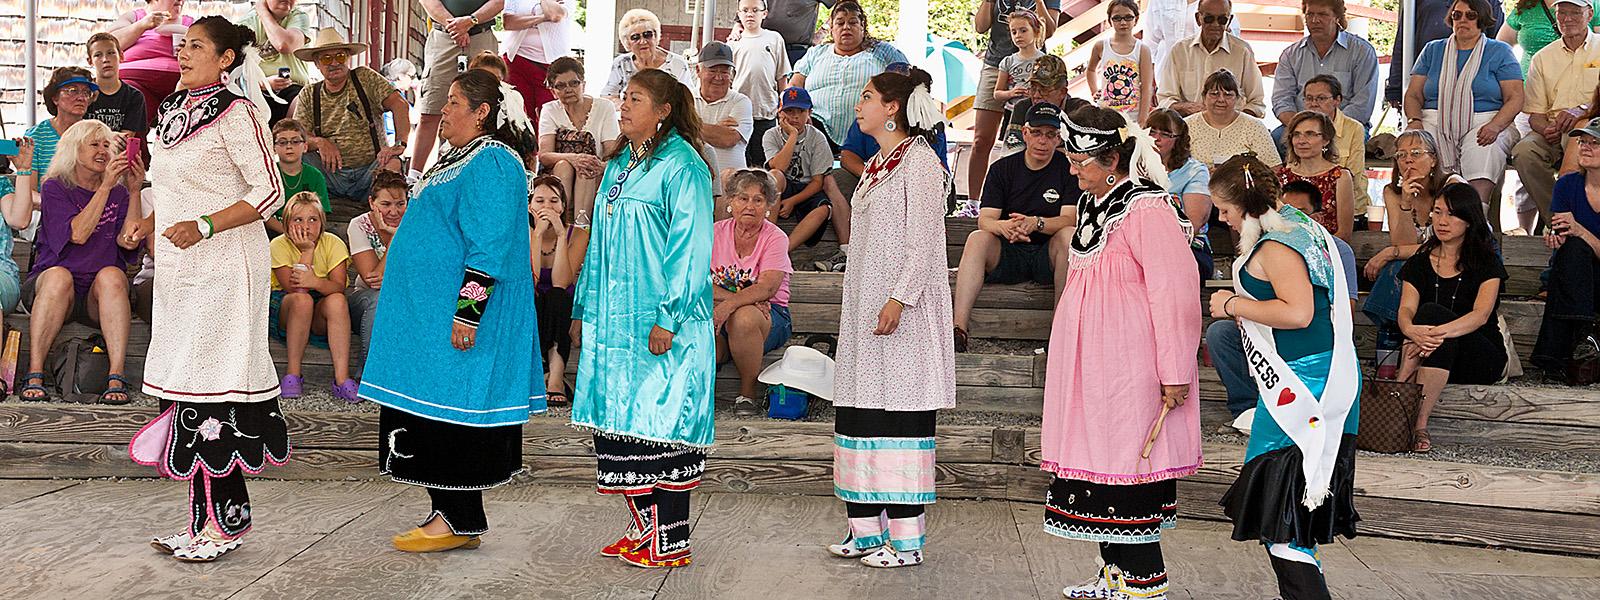 Iroquois Museum Festival